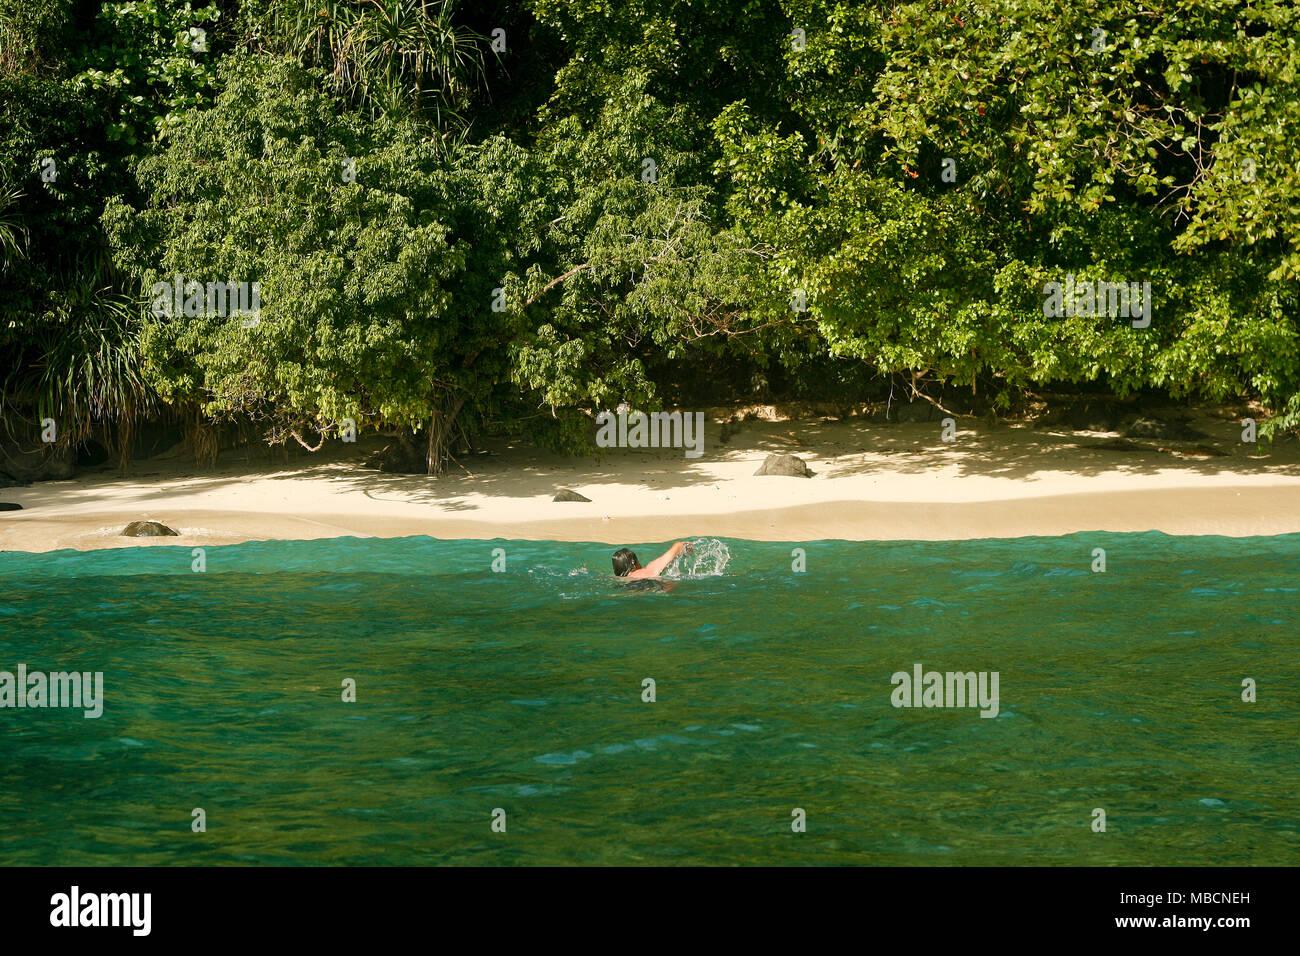 Deserted island. Sulawesi, Indonesia - Stock Image